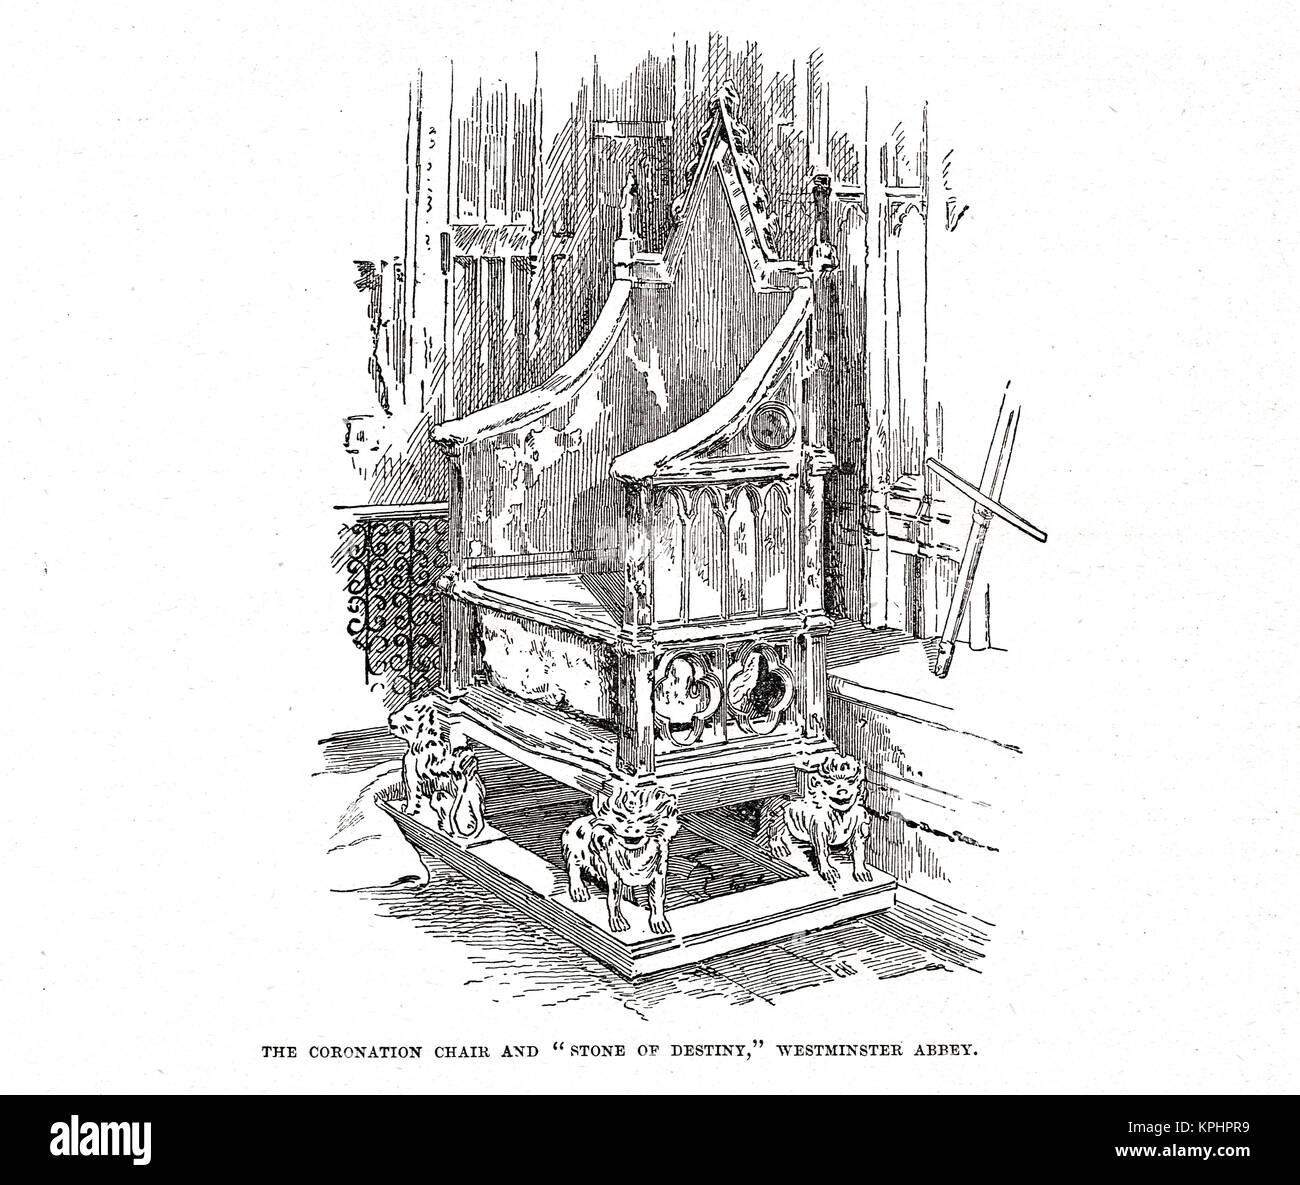 Du couronnement et de la pierre de la destinée, de l'abbaye de Westminster Banque D'Images